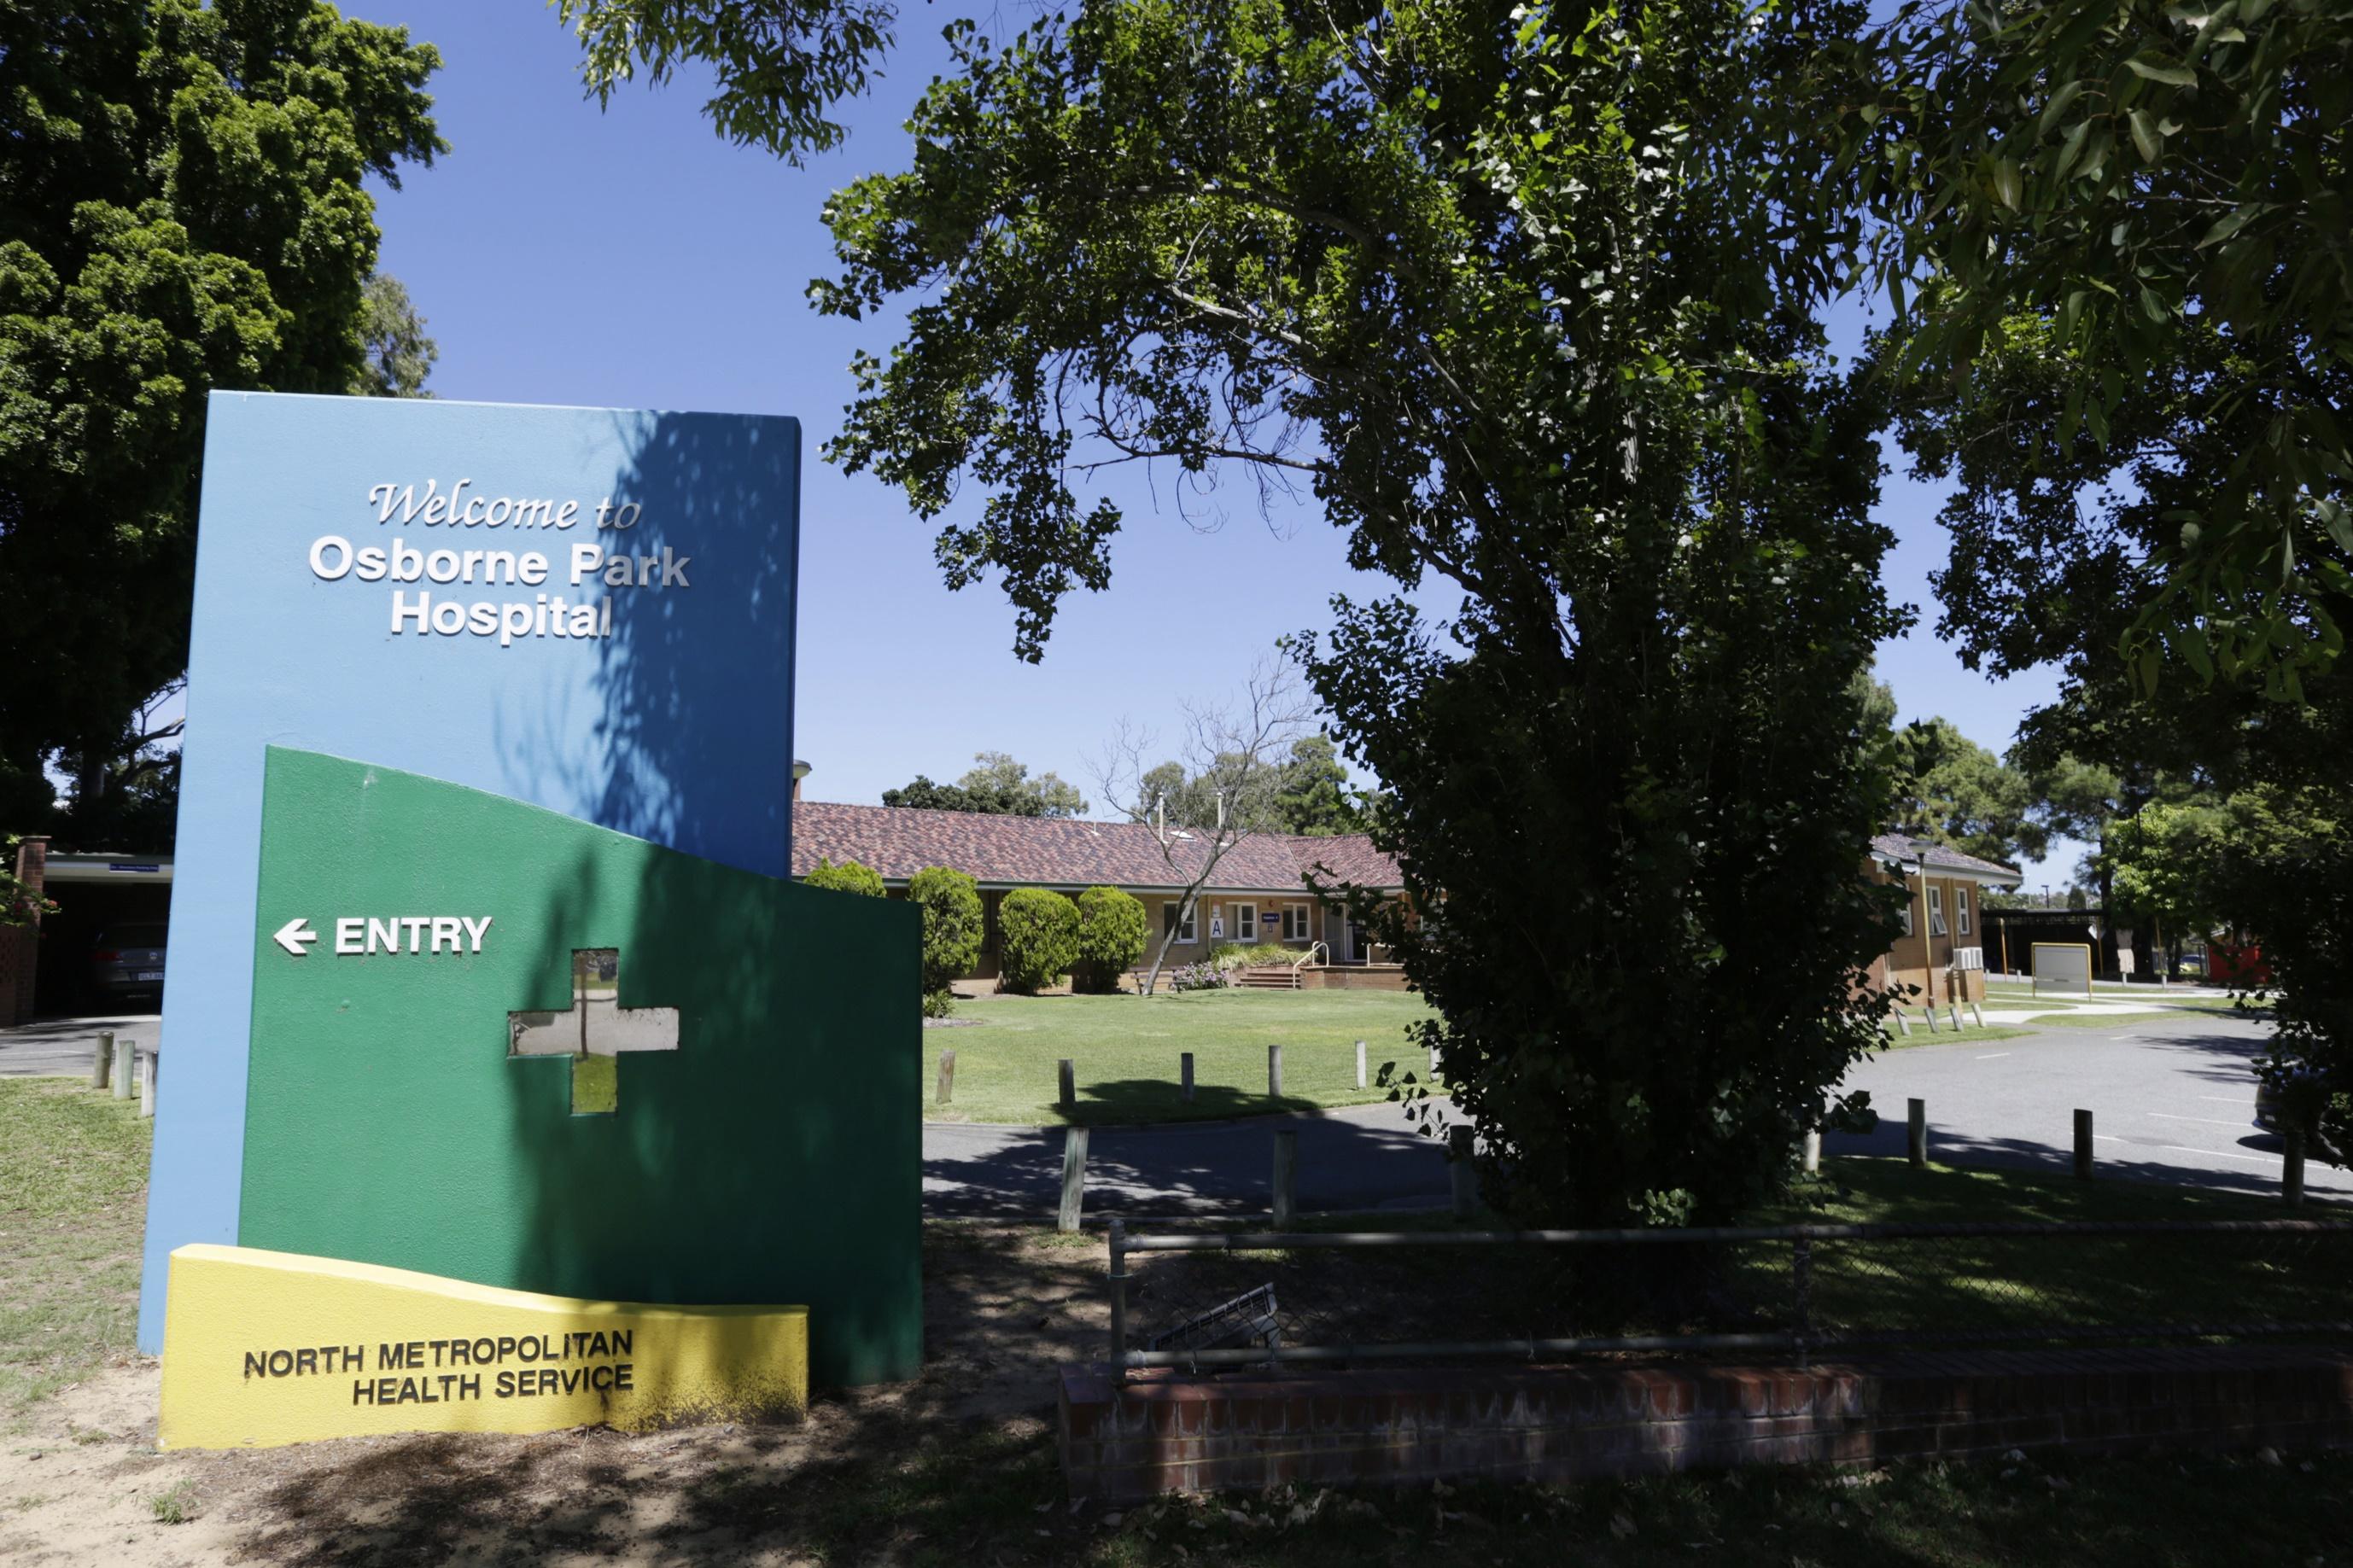 Osborne Park Hospital.